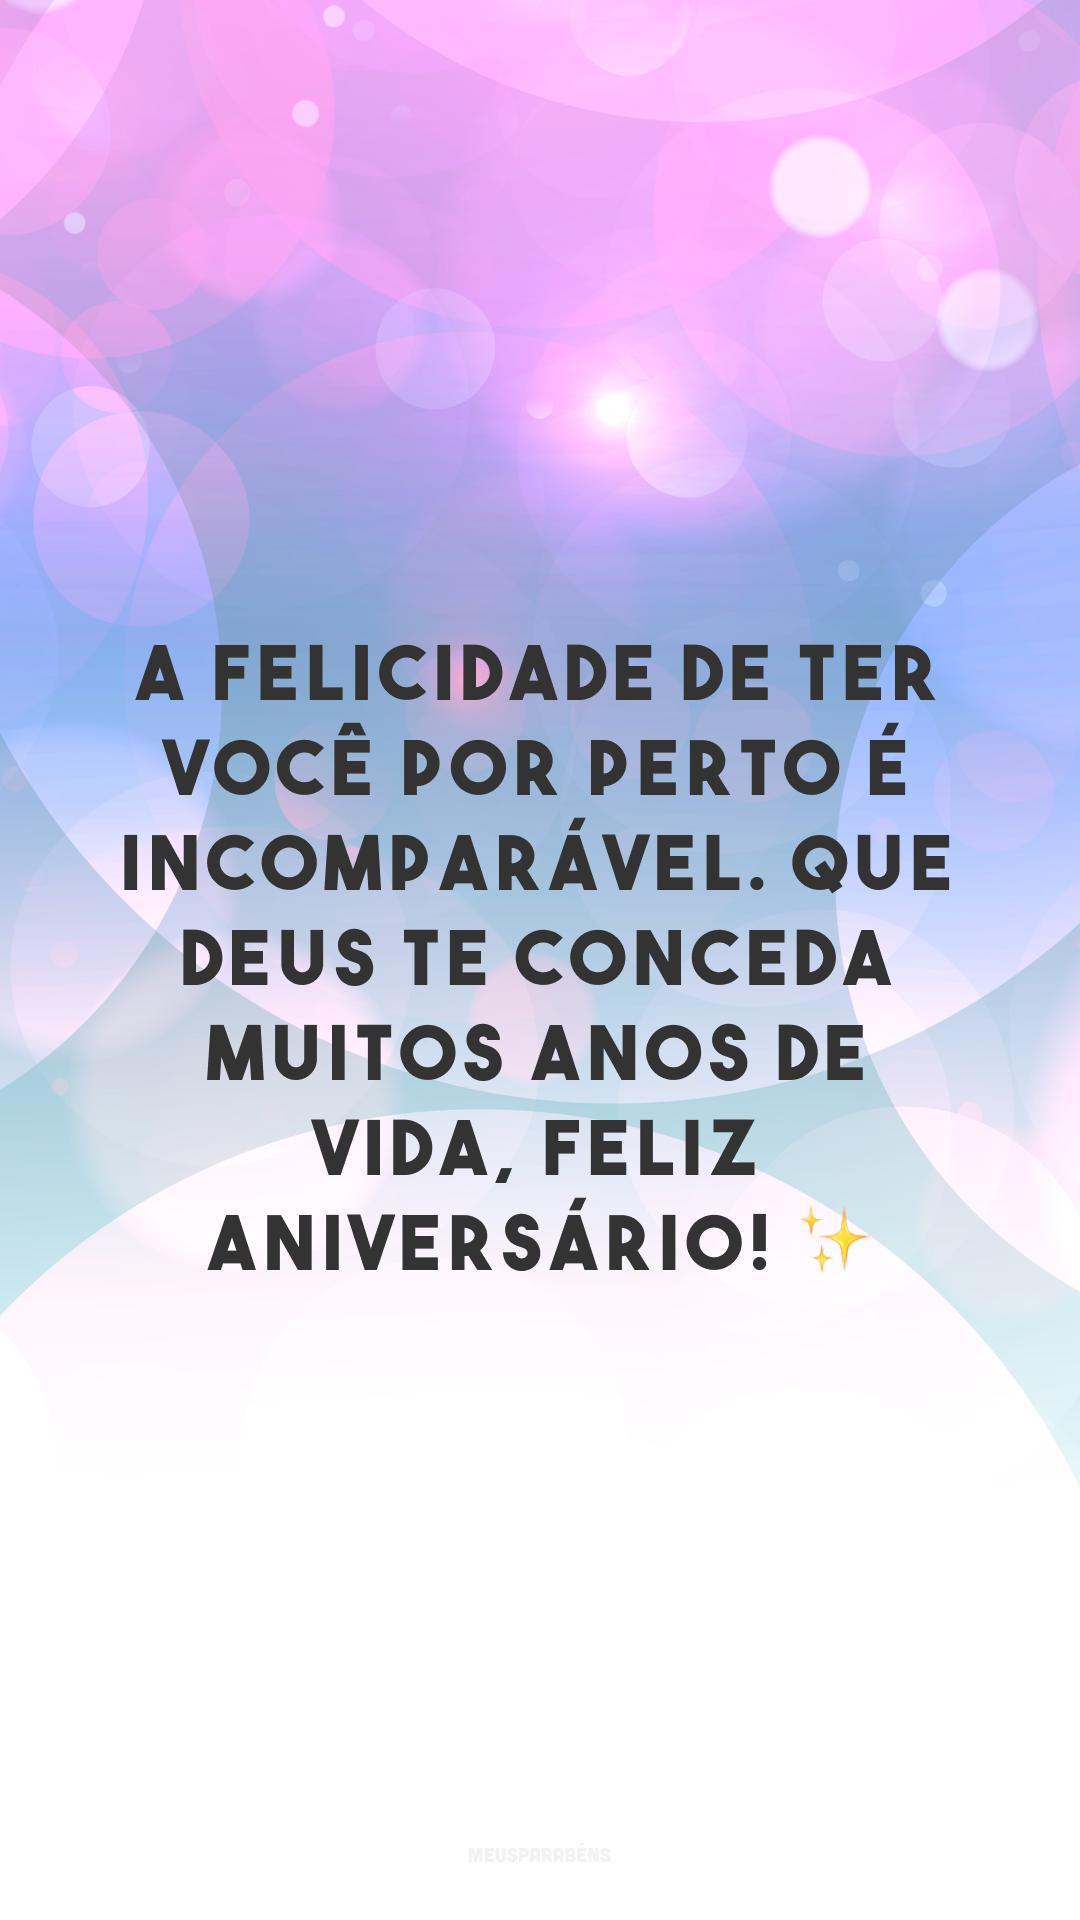 A felicidade de ter você por perto é incomparável. Que Deus te conceda muitos anos de vida, feliz aniversário! ✨